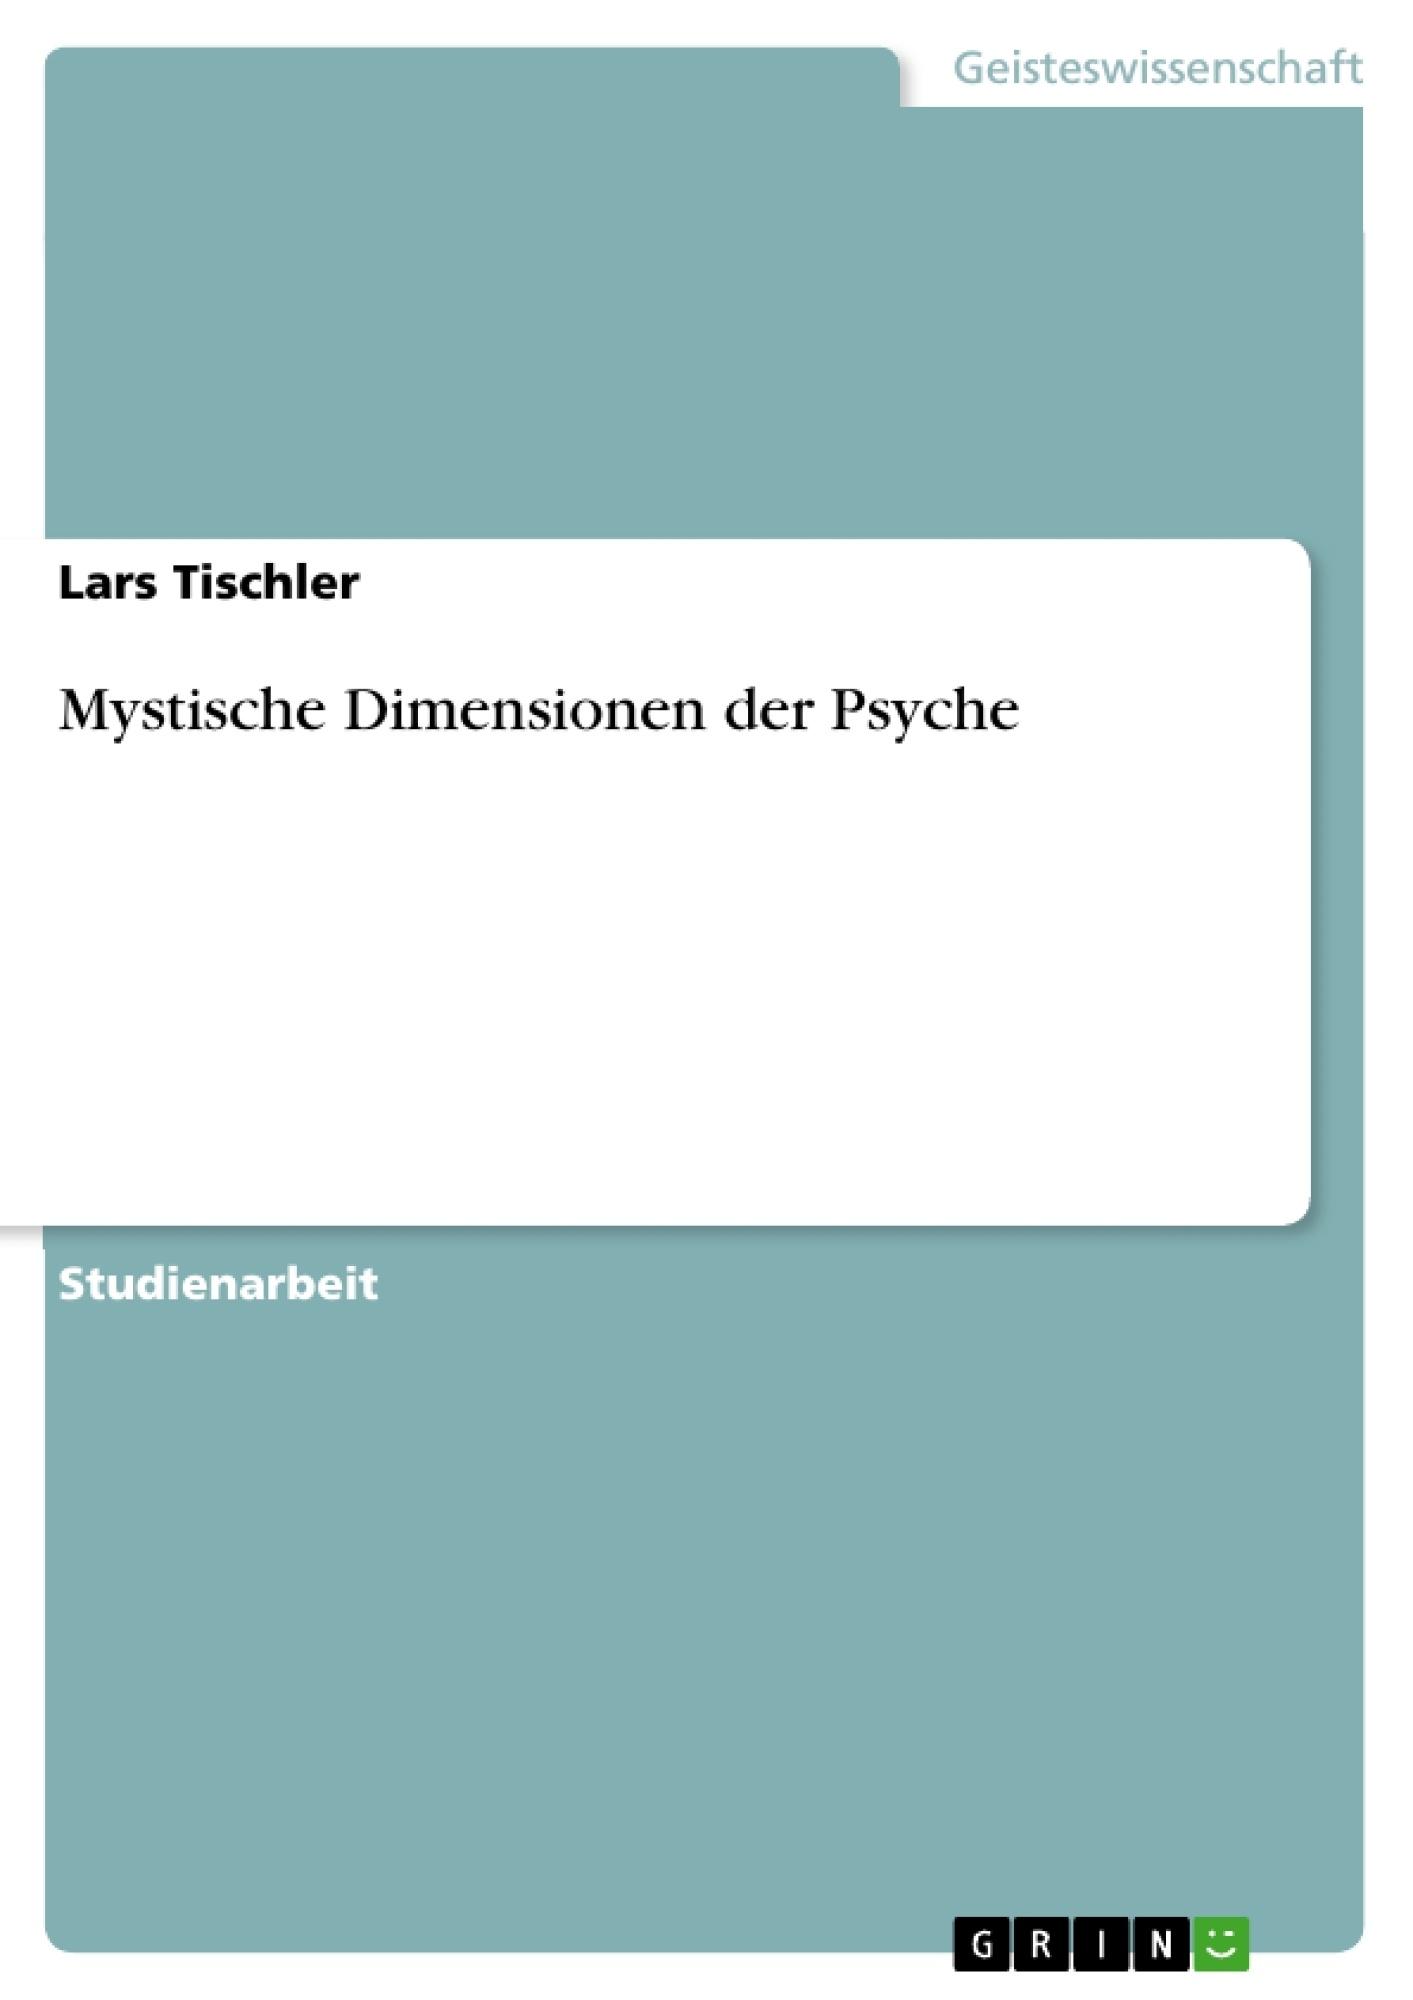 Titel: Mystische Dimensionen der Psyche